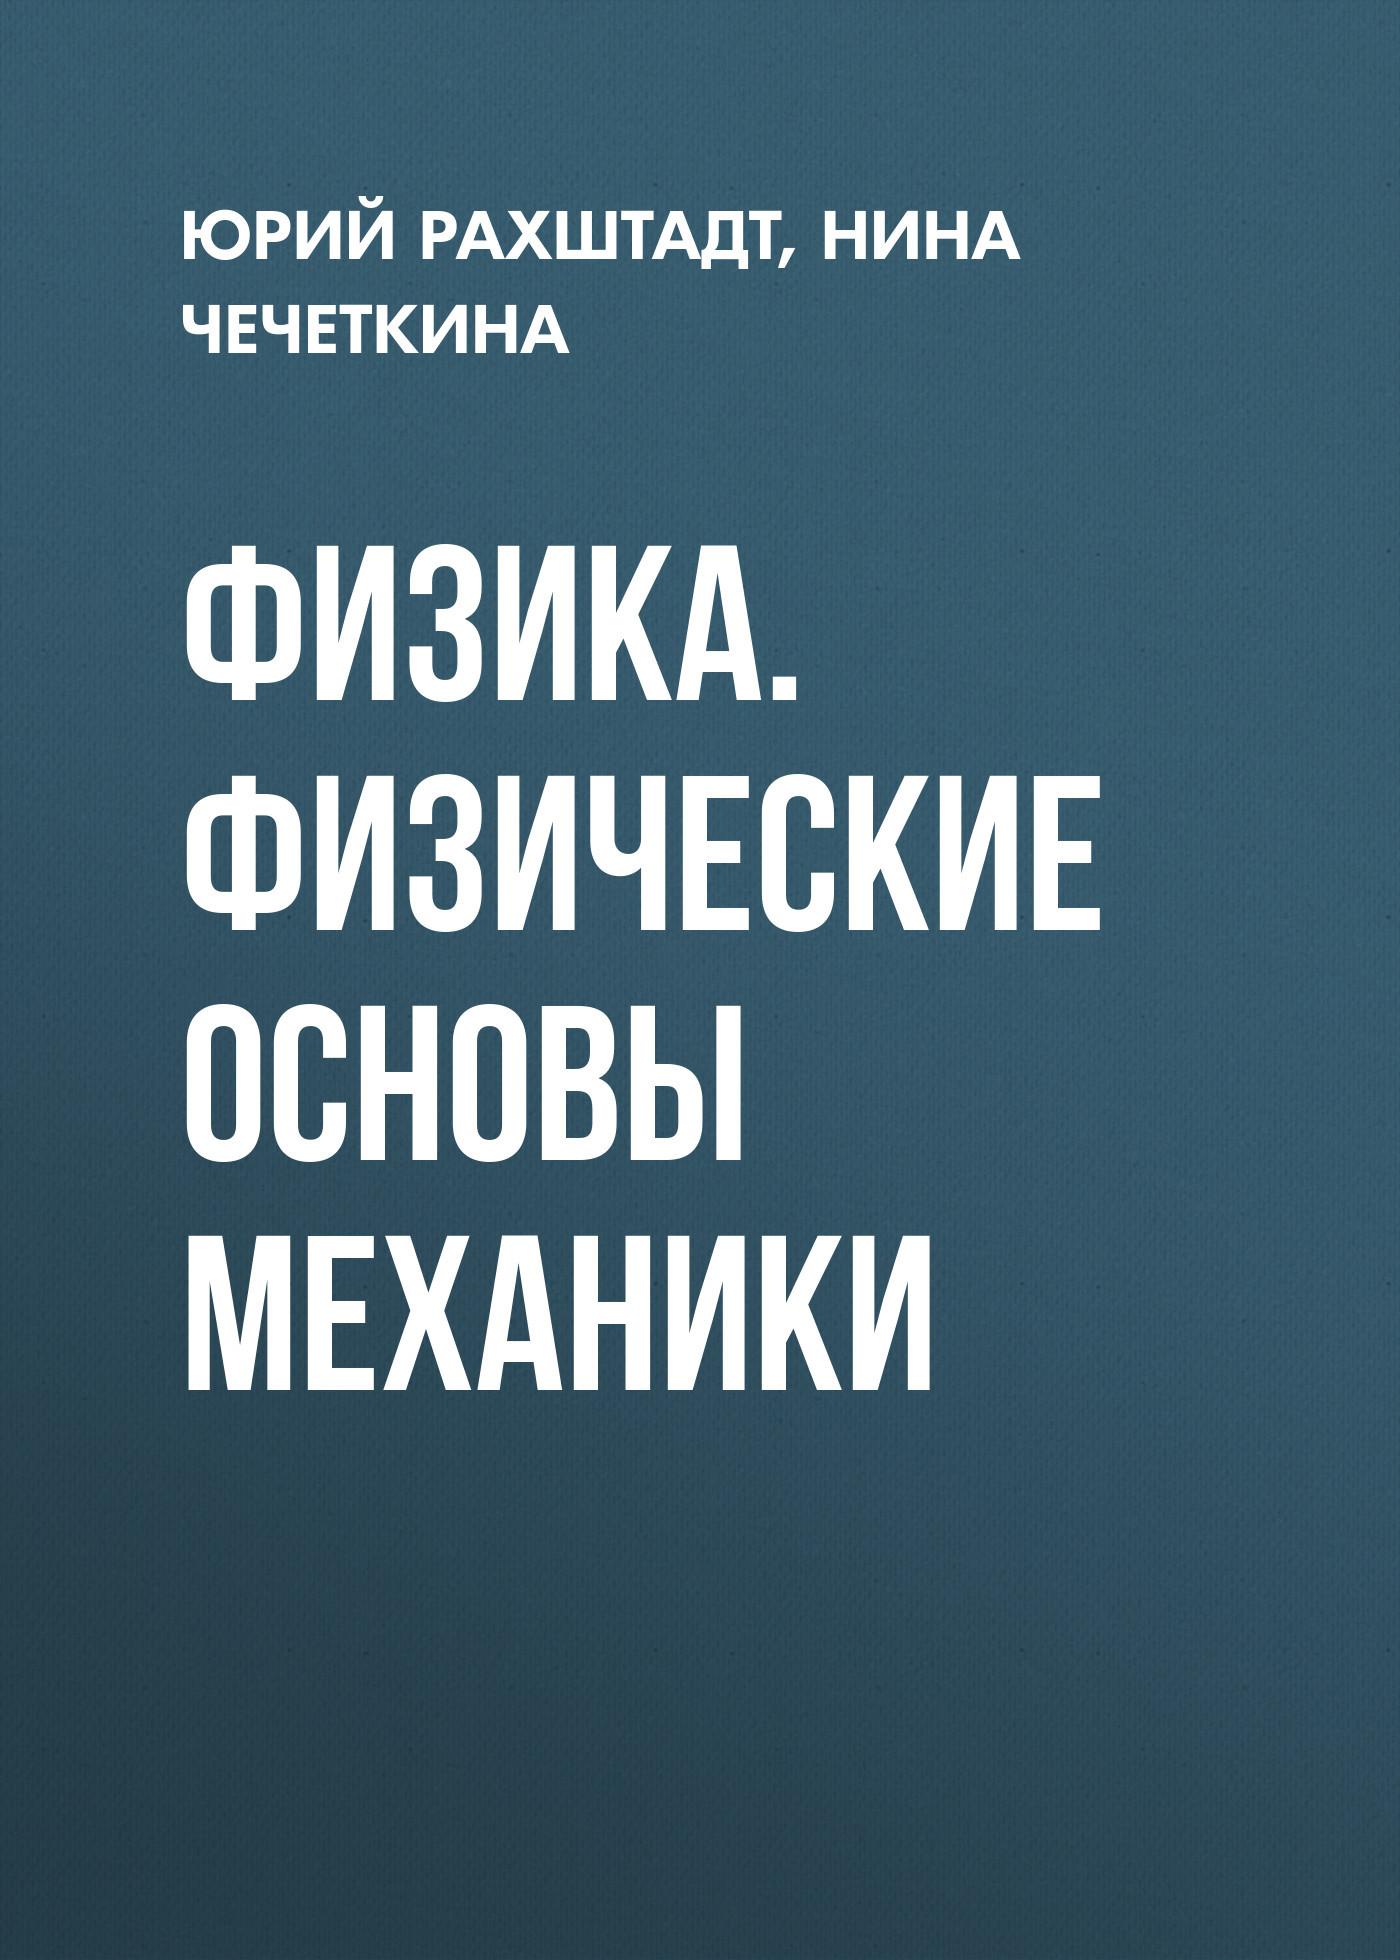 Юрий Рахштадт. Физика. Физические основы механики